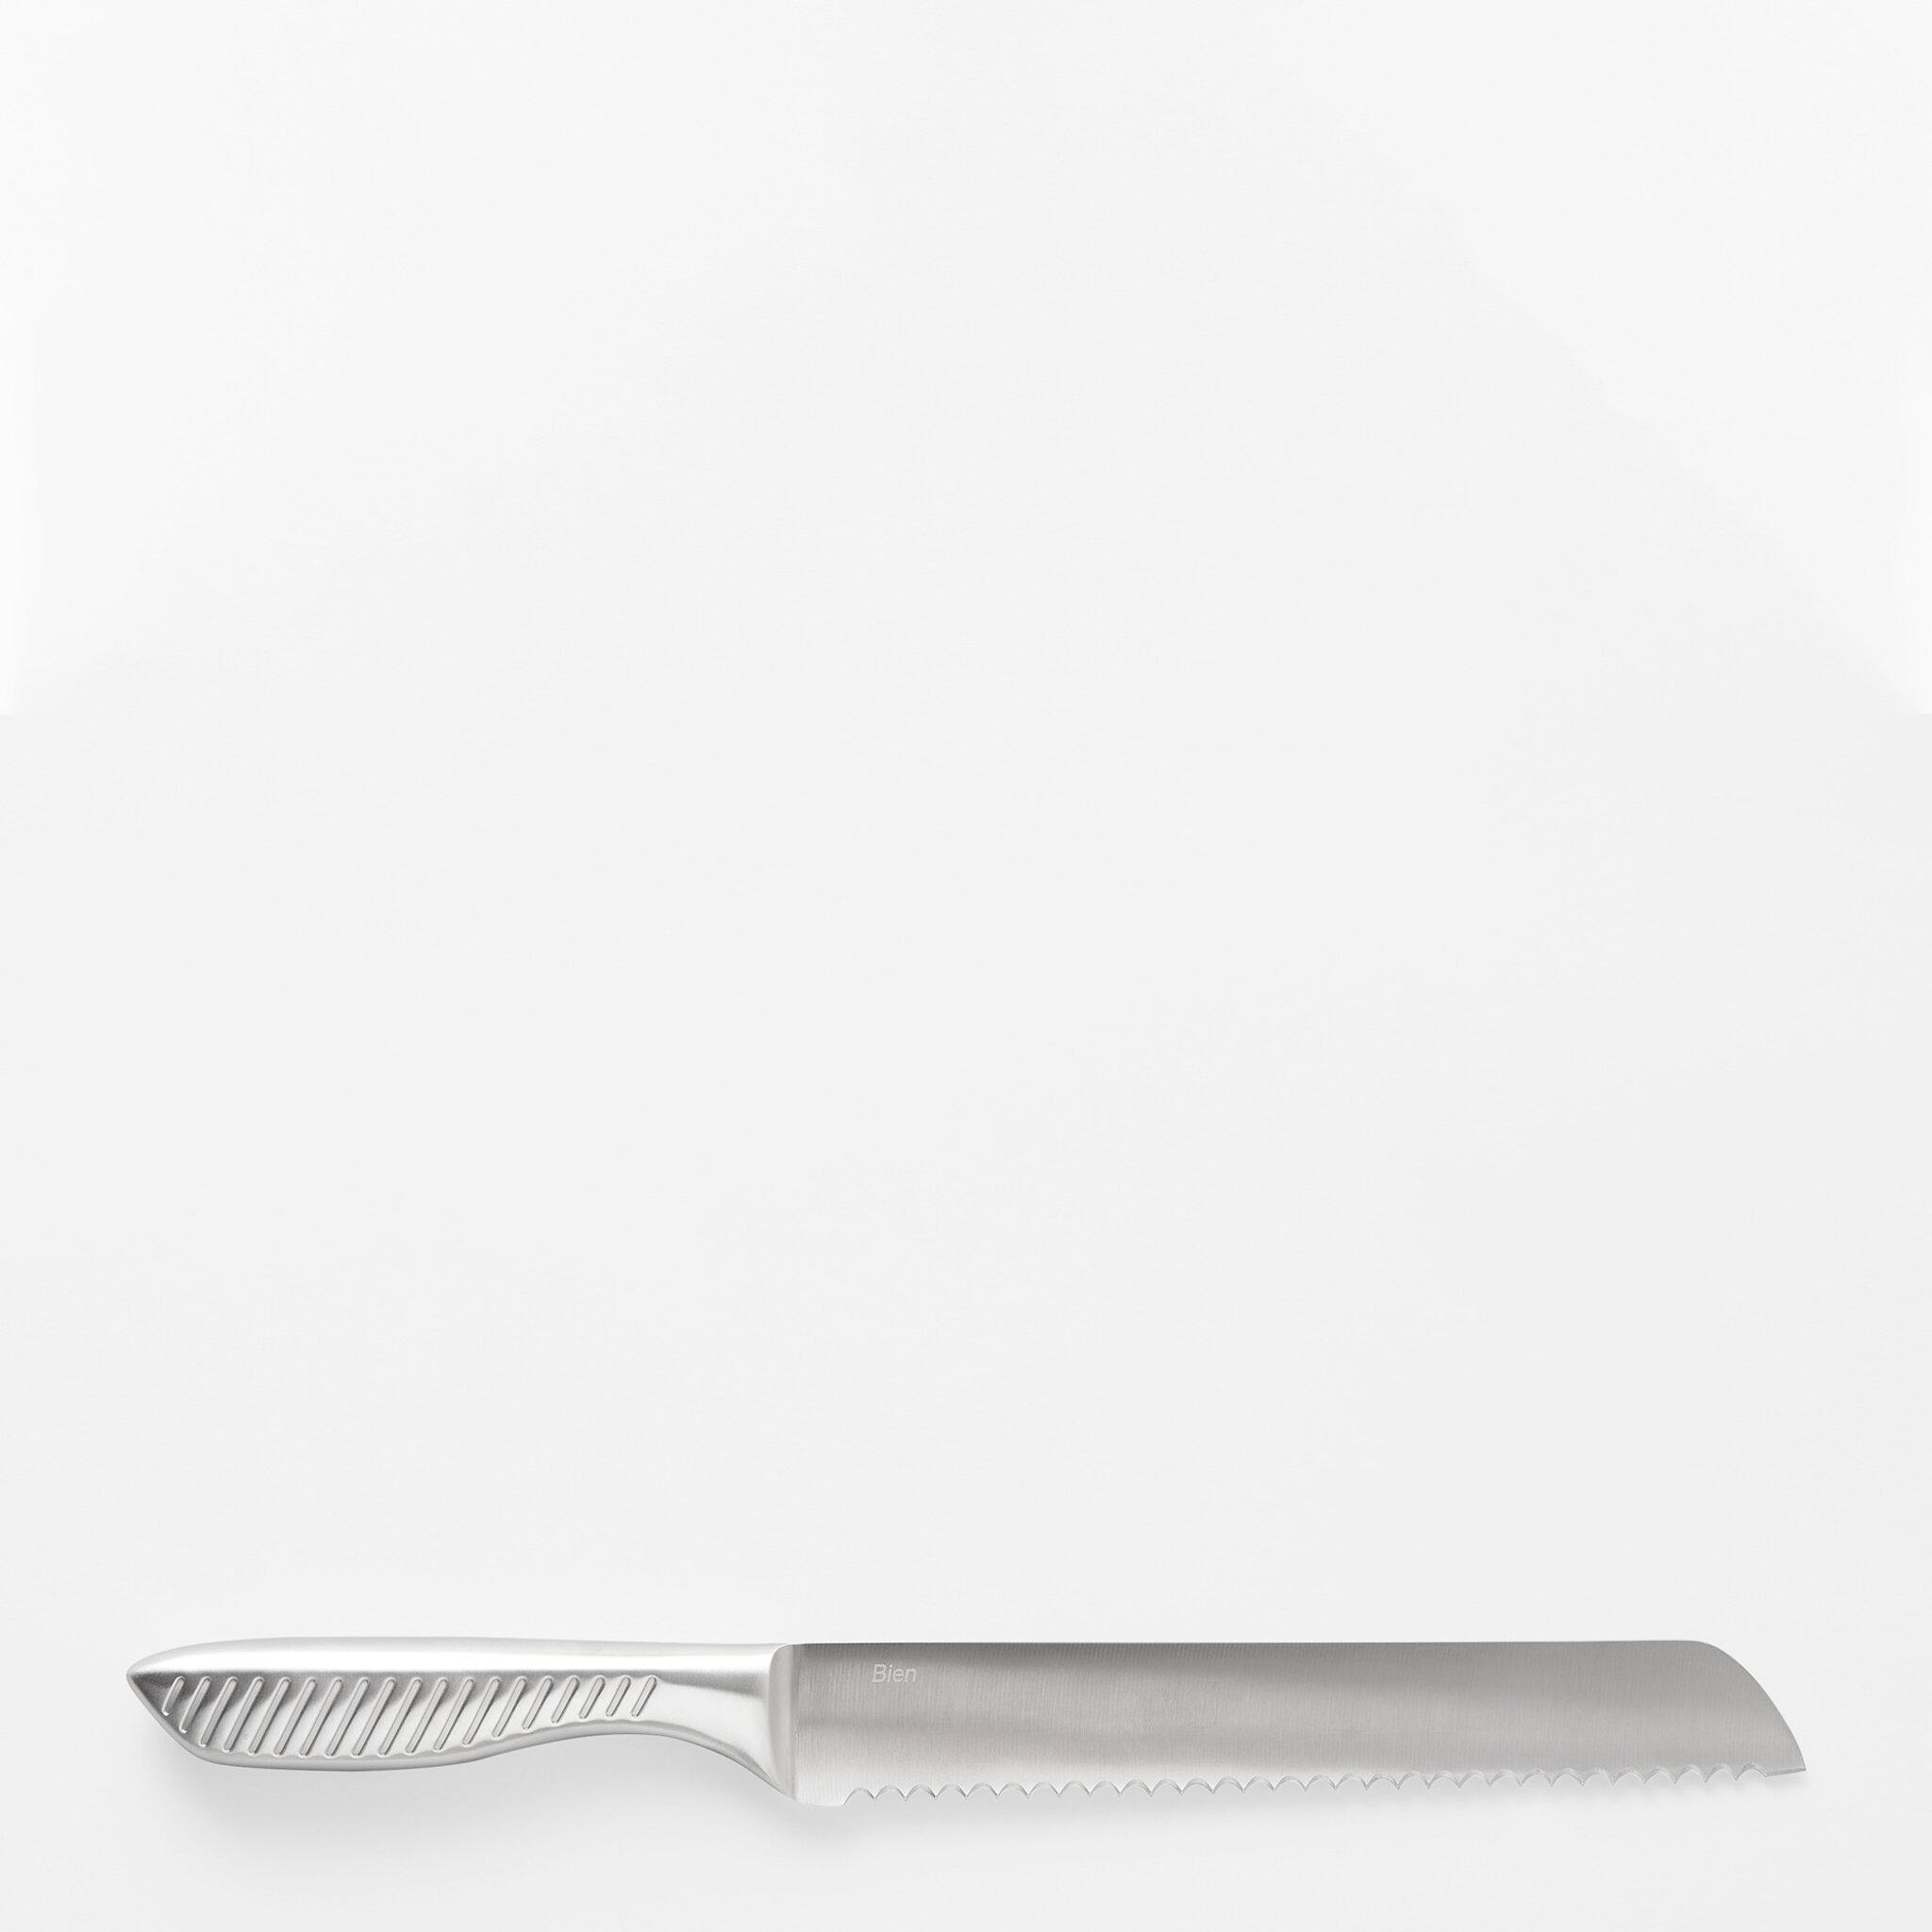 Brödkniv BIEN